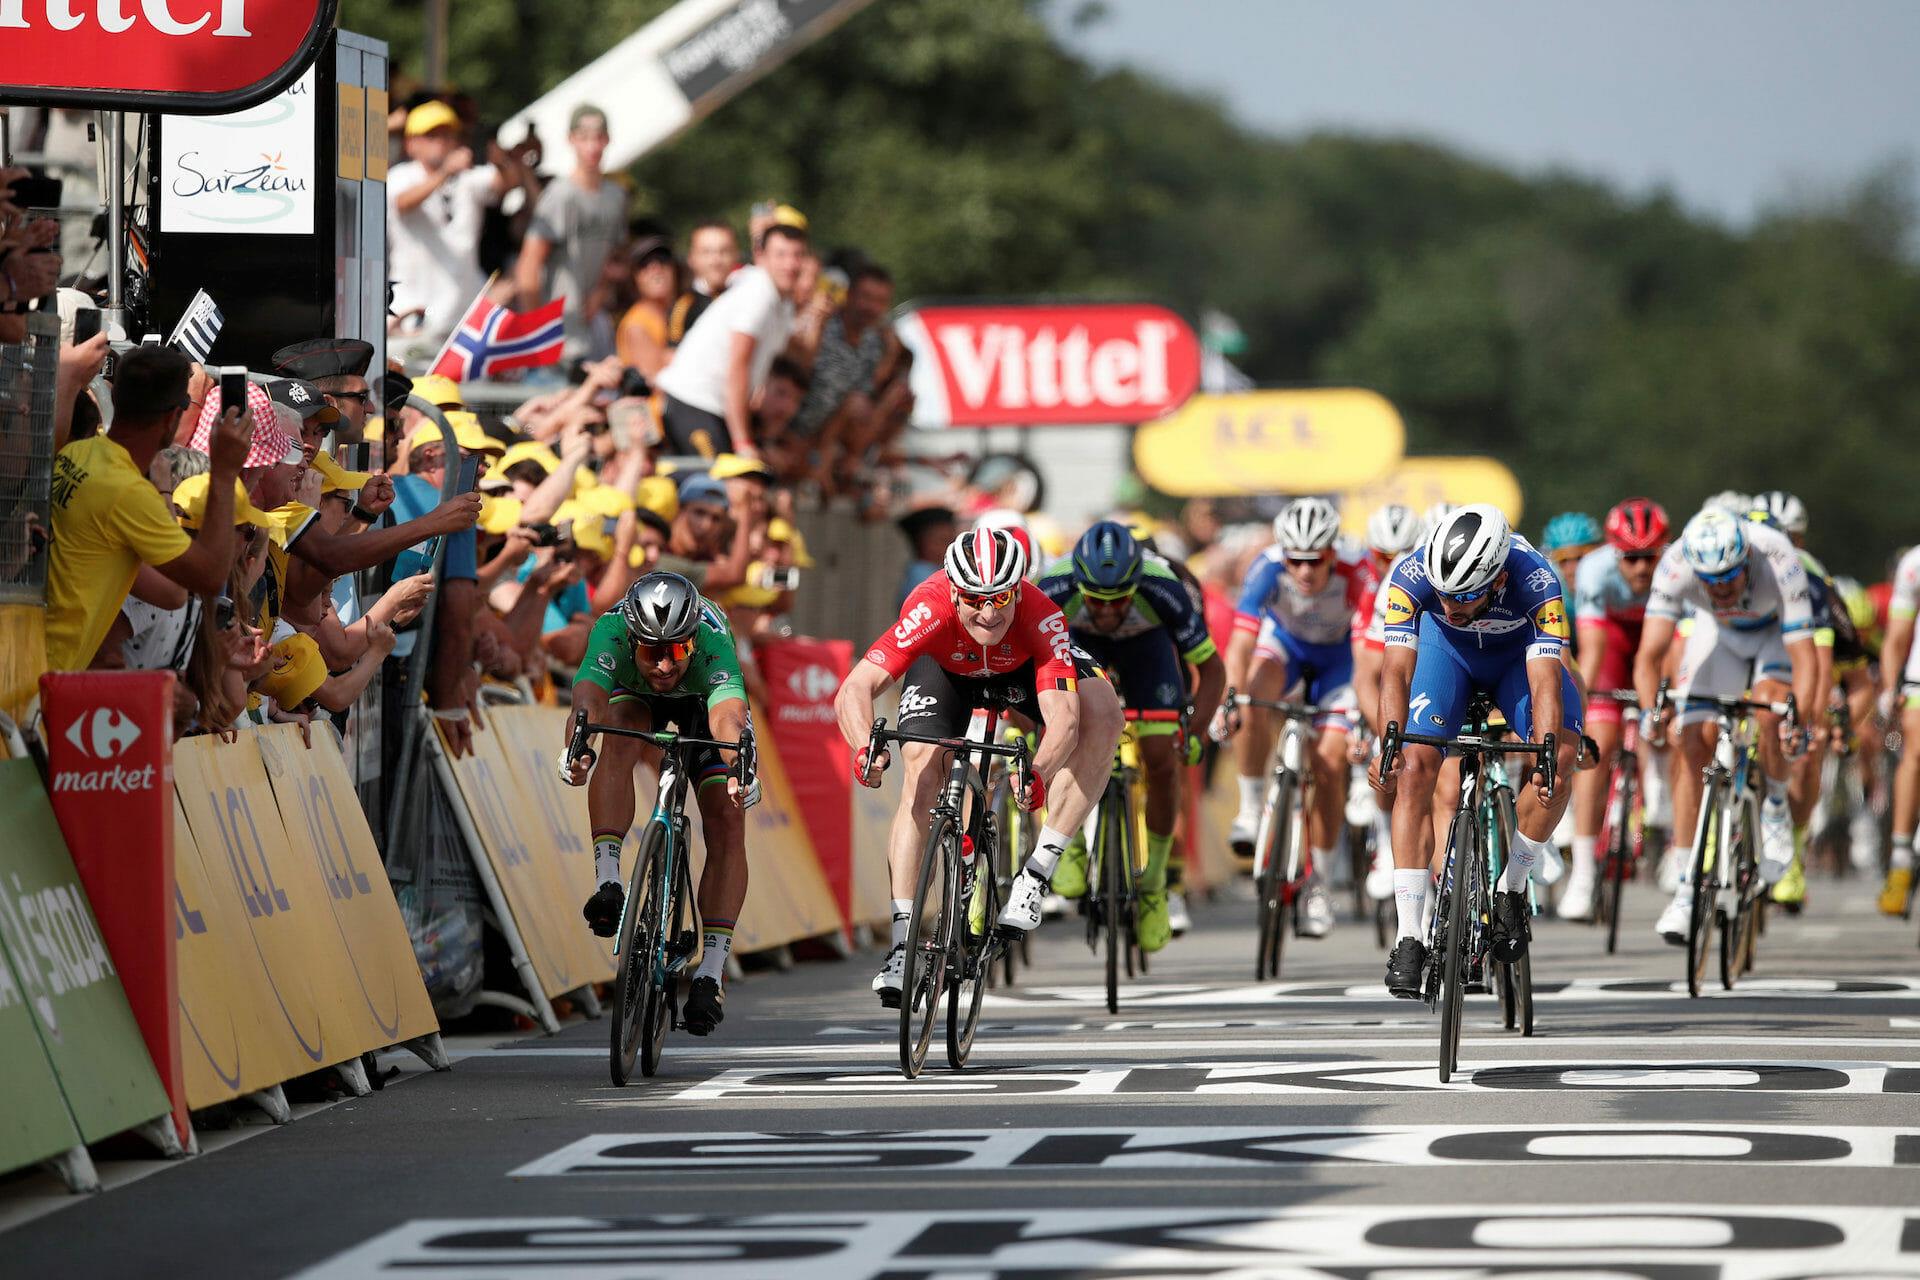 Beside Sport - Quels sont les profils des coureurs du Tour de France? -